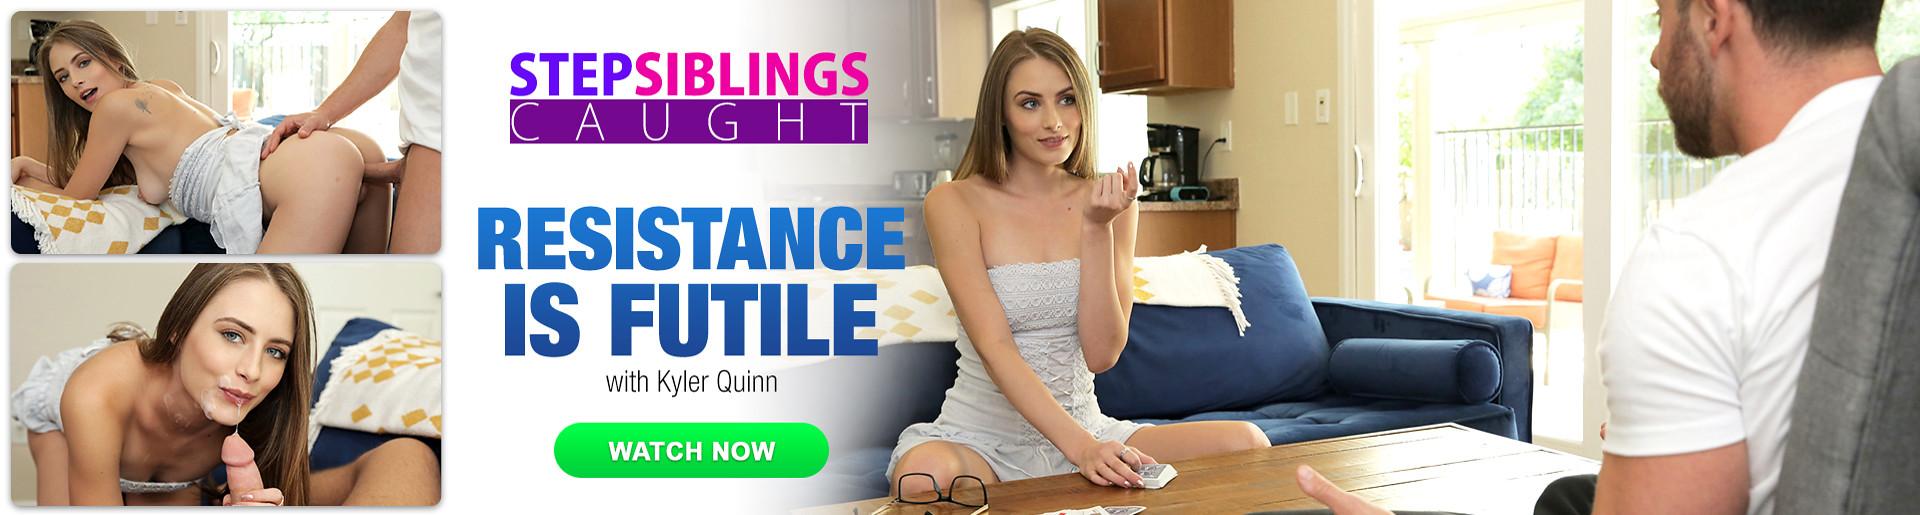 StepSiblingsCaught - Resistance is Fule with Kyler Quinn